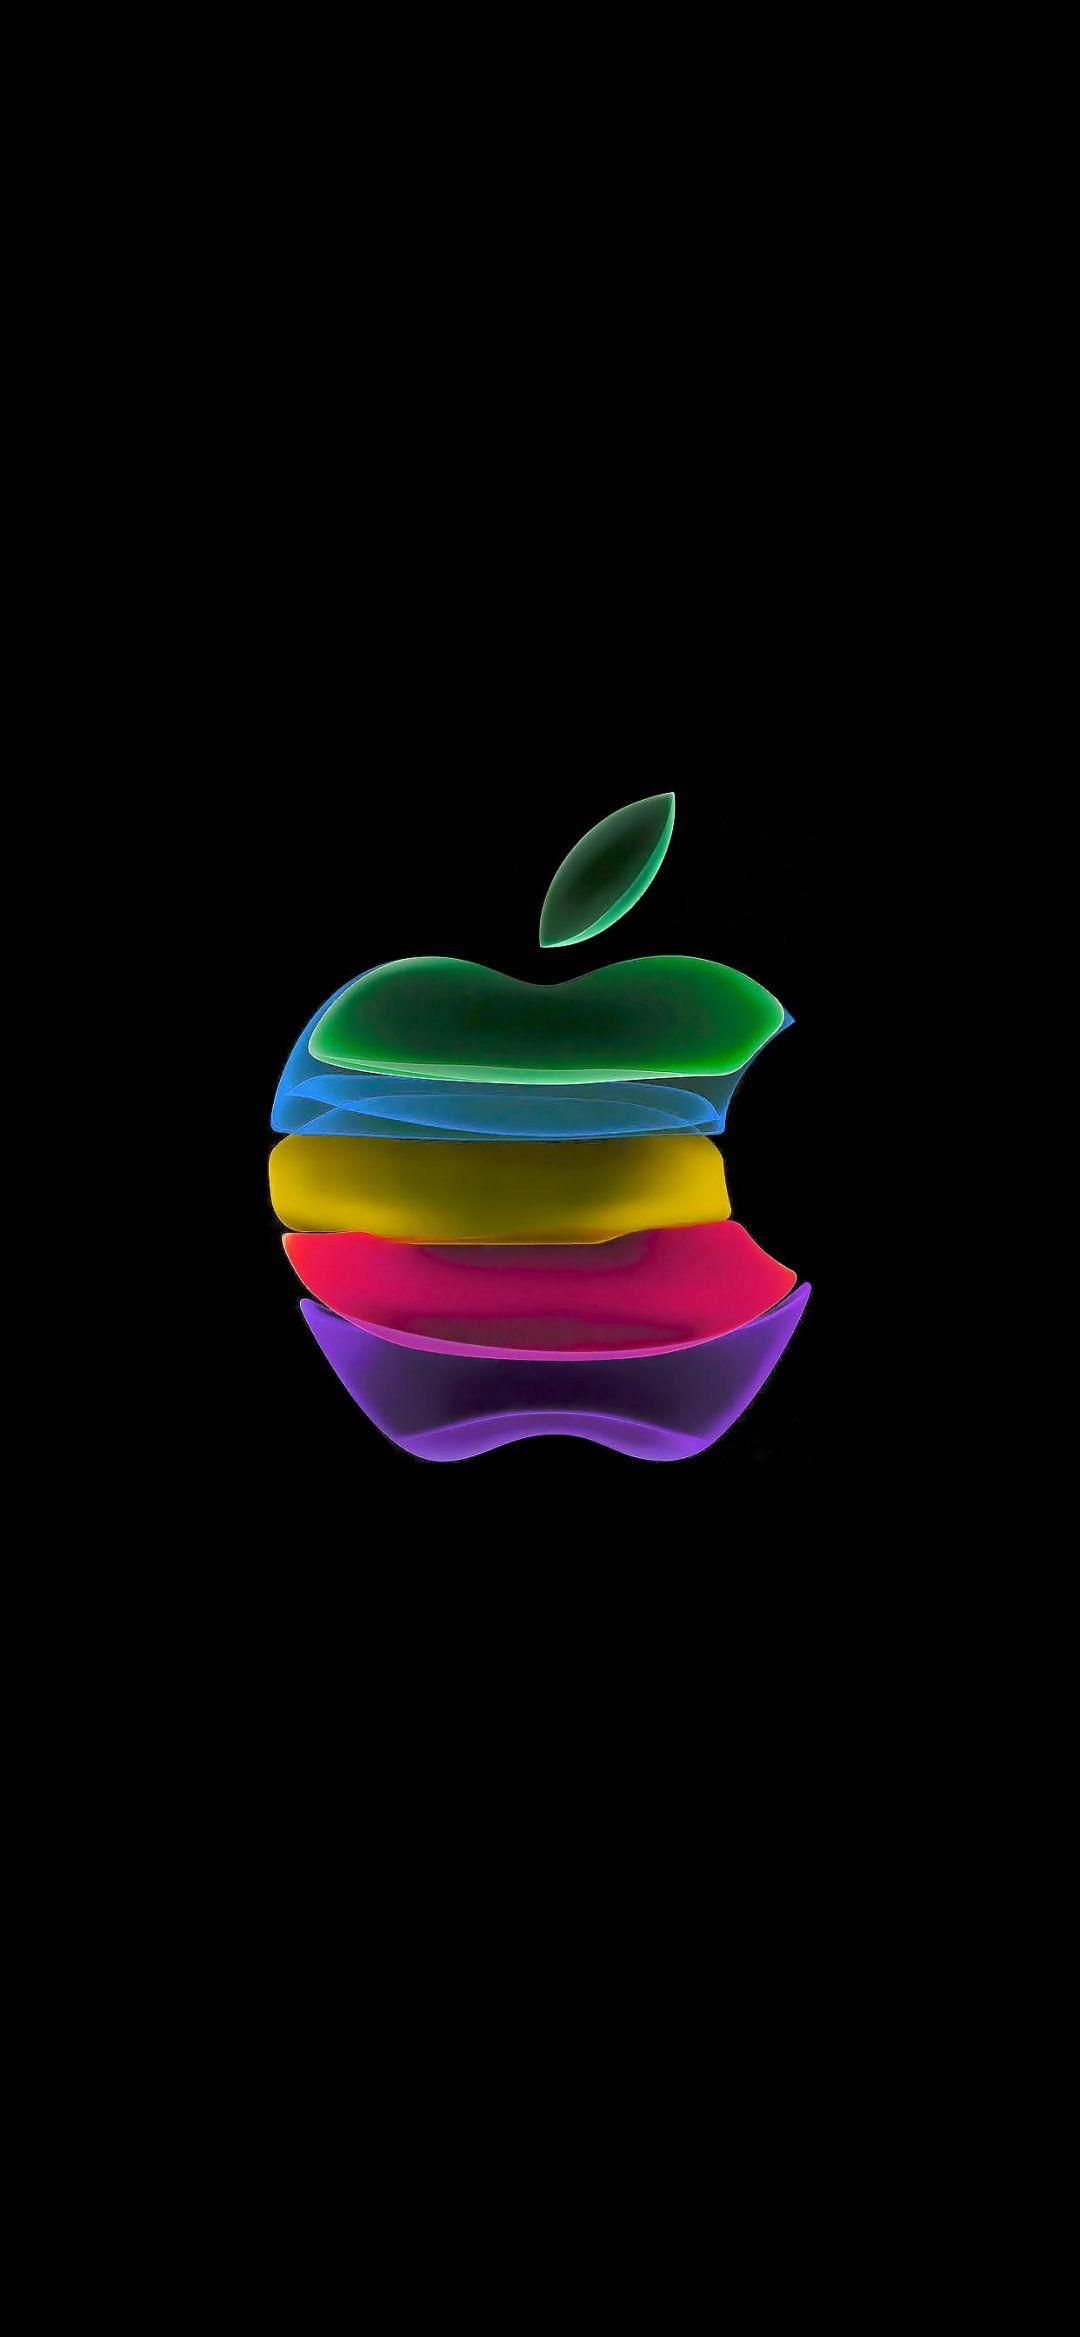 Favorito iPhone 11 wallpaper | Sfondi per iphone, Sfondi per ipod, Sfondi PG83